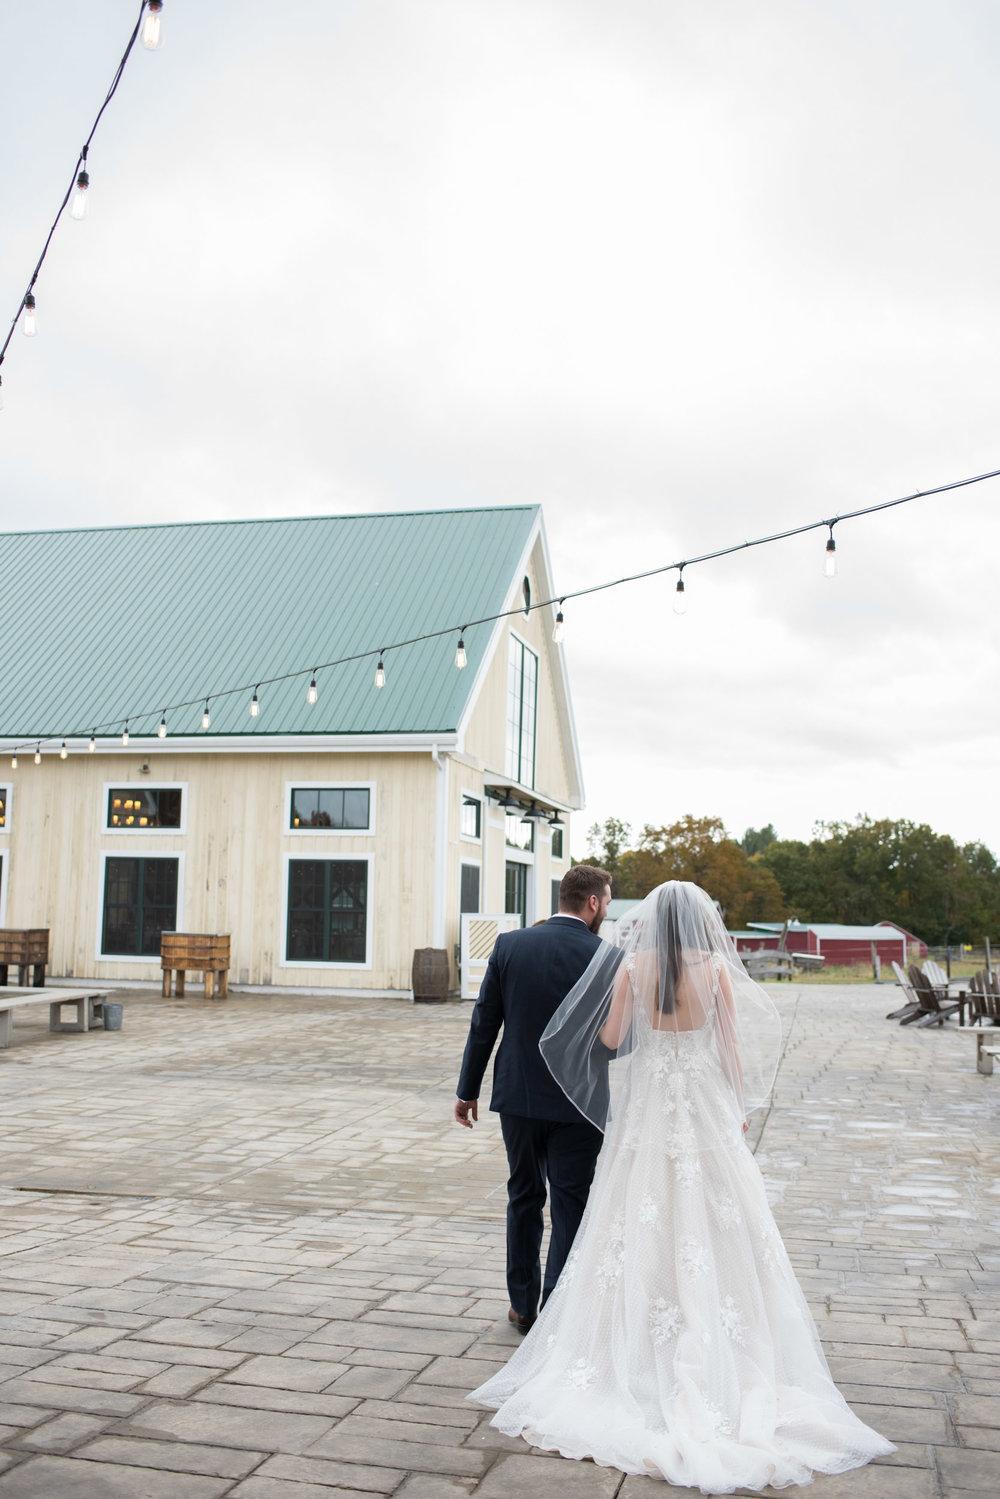 Valley View Wedding in Autumn